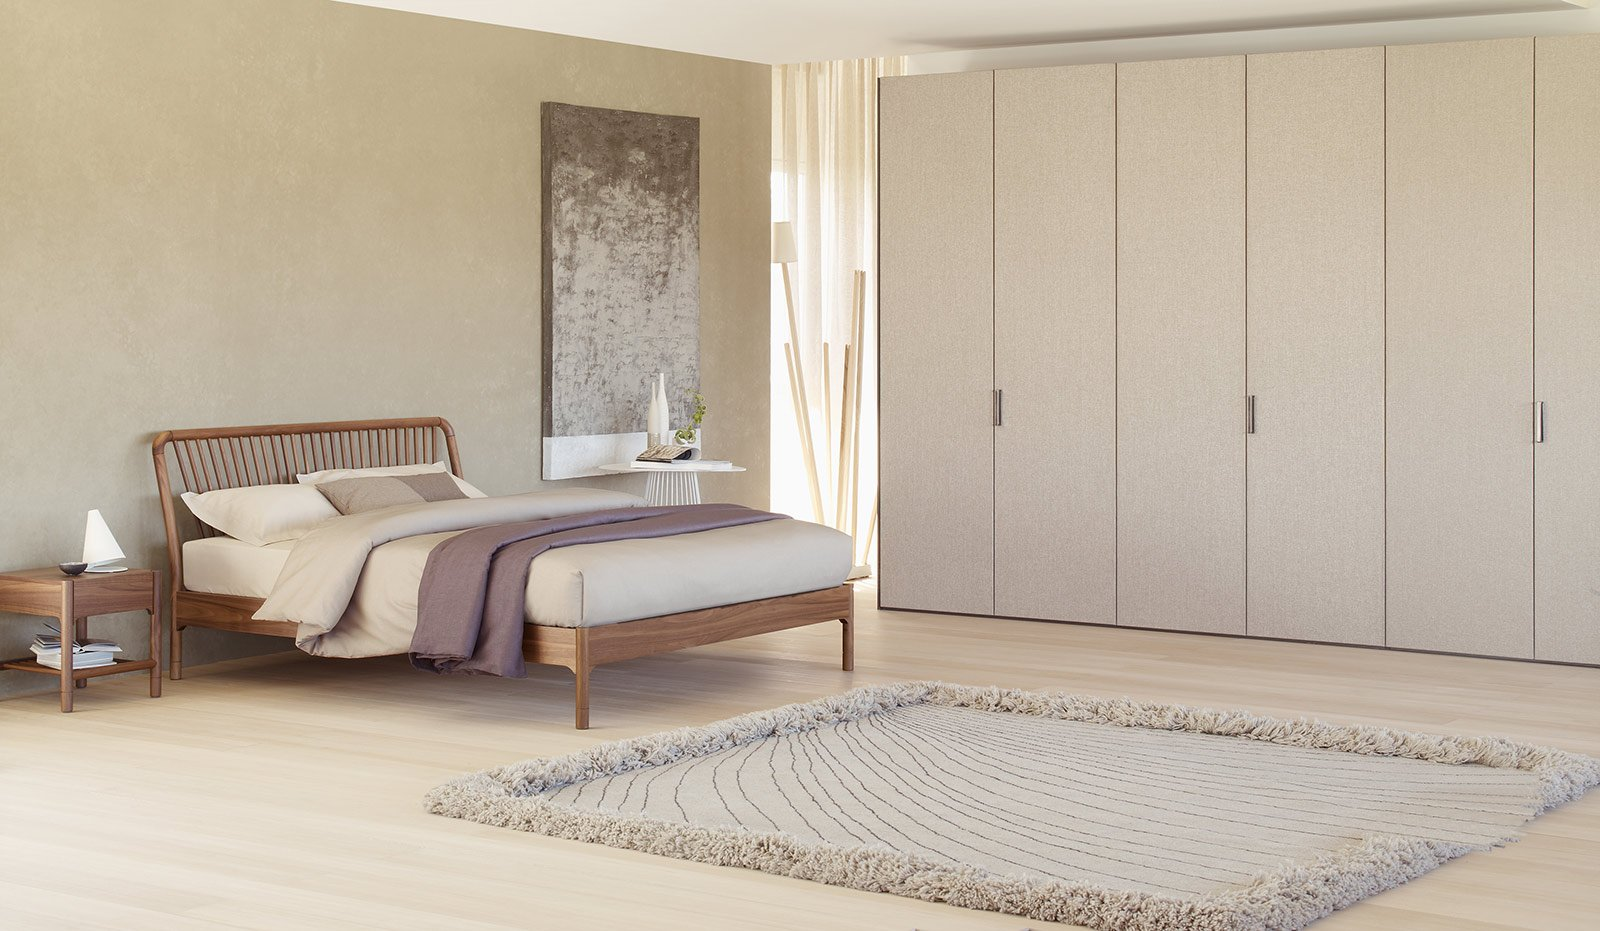 Stile NORDICO Il letto Sveva ha un design nordico ed ? realizzato in ...